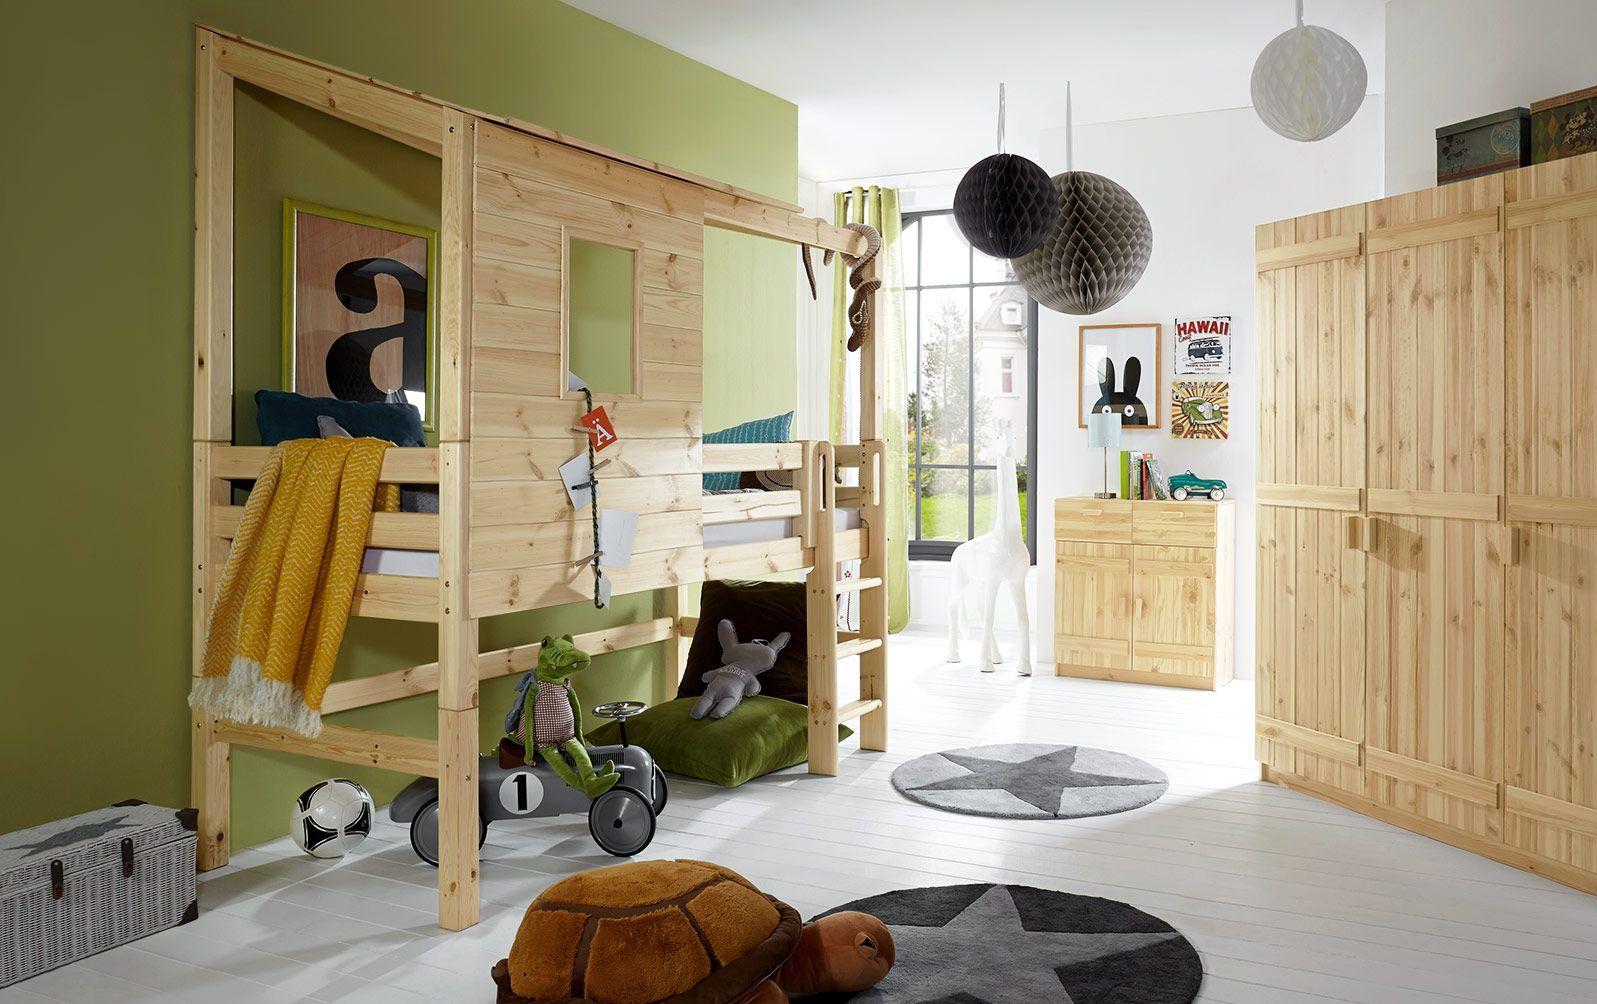 Abenteuer-Hochbett Kids Paradise in Natur, lackiert, mit gerader Leiter und 117cm